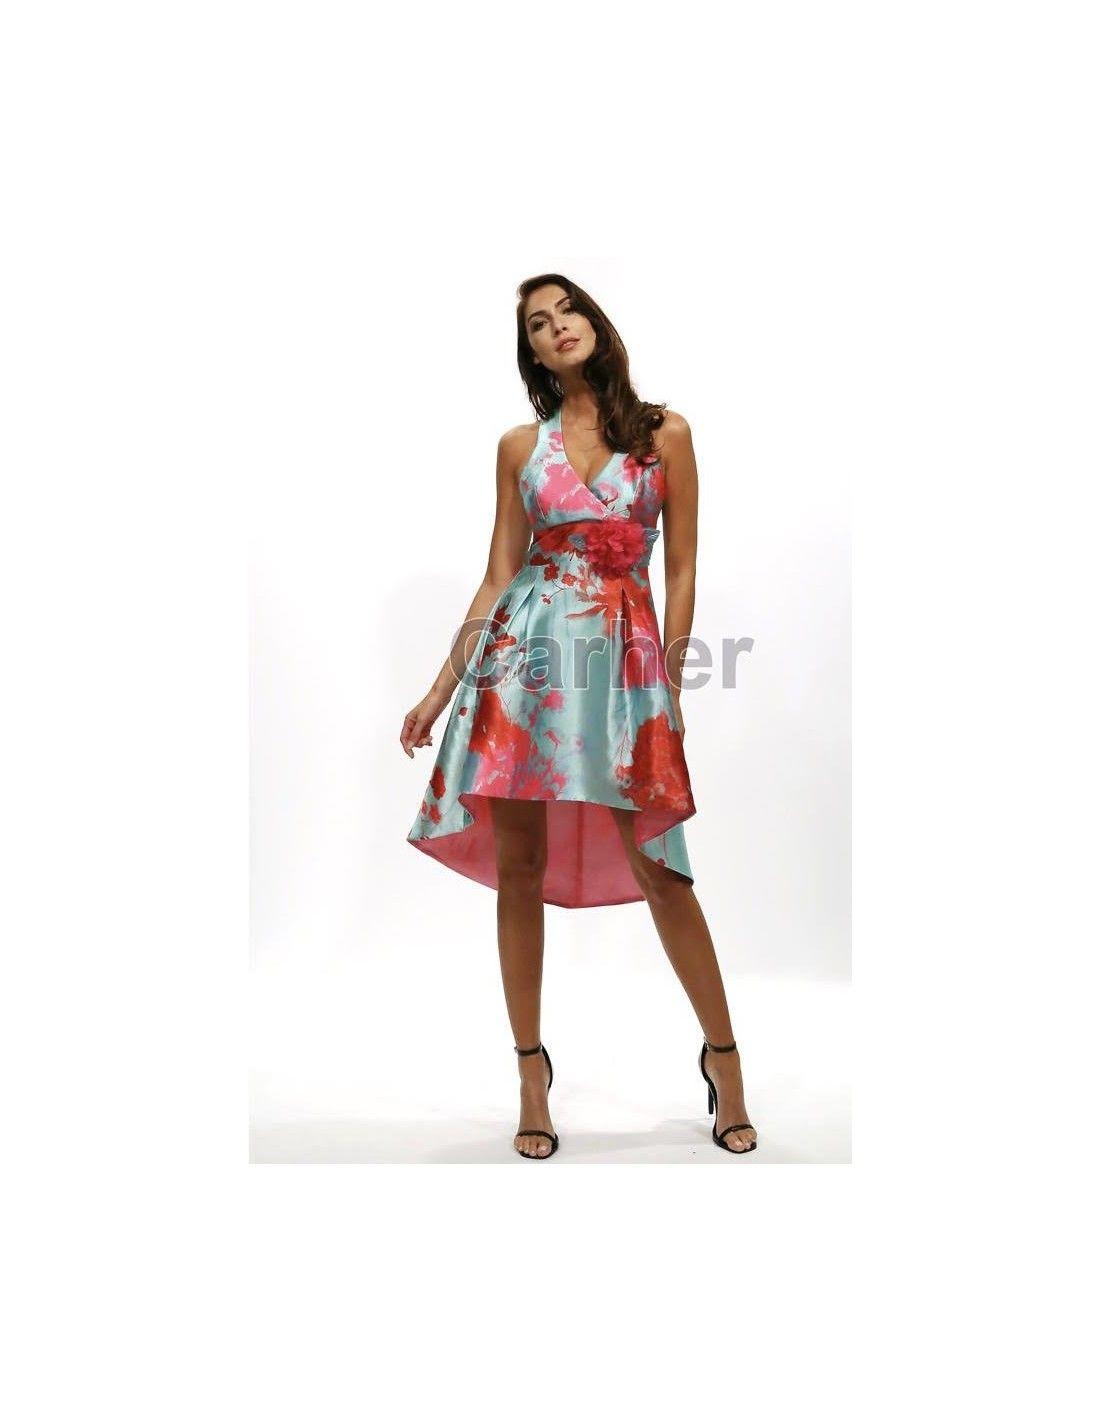 2df74b7393 Vestido Calista - Vestido asimétrico en color celeste con estampado en  color coral. Escote efecto